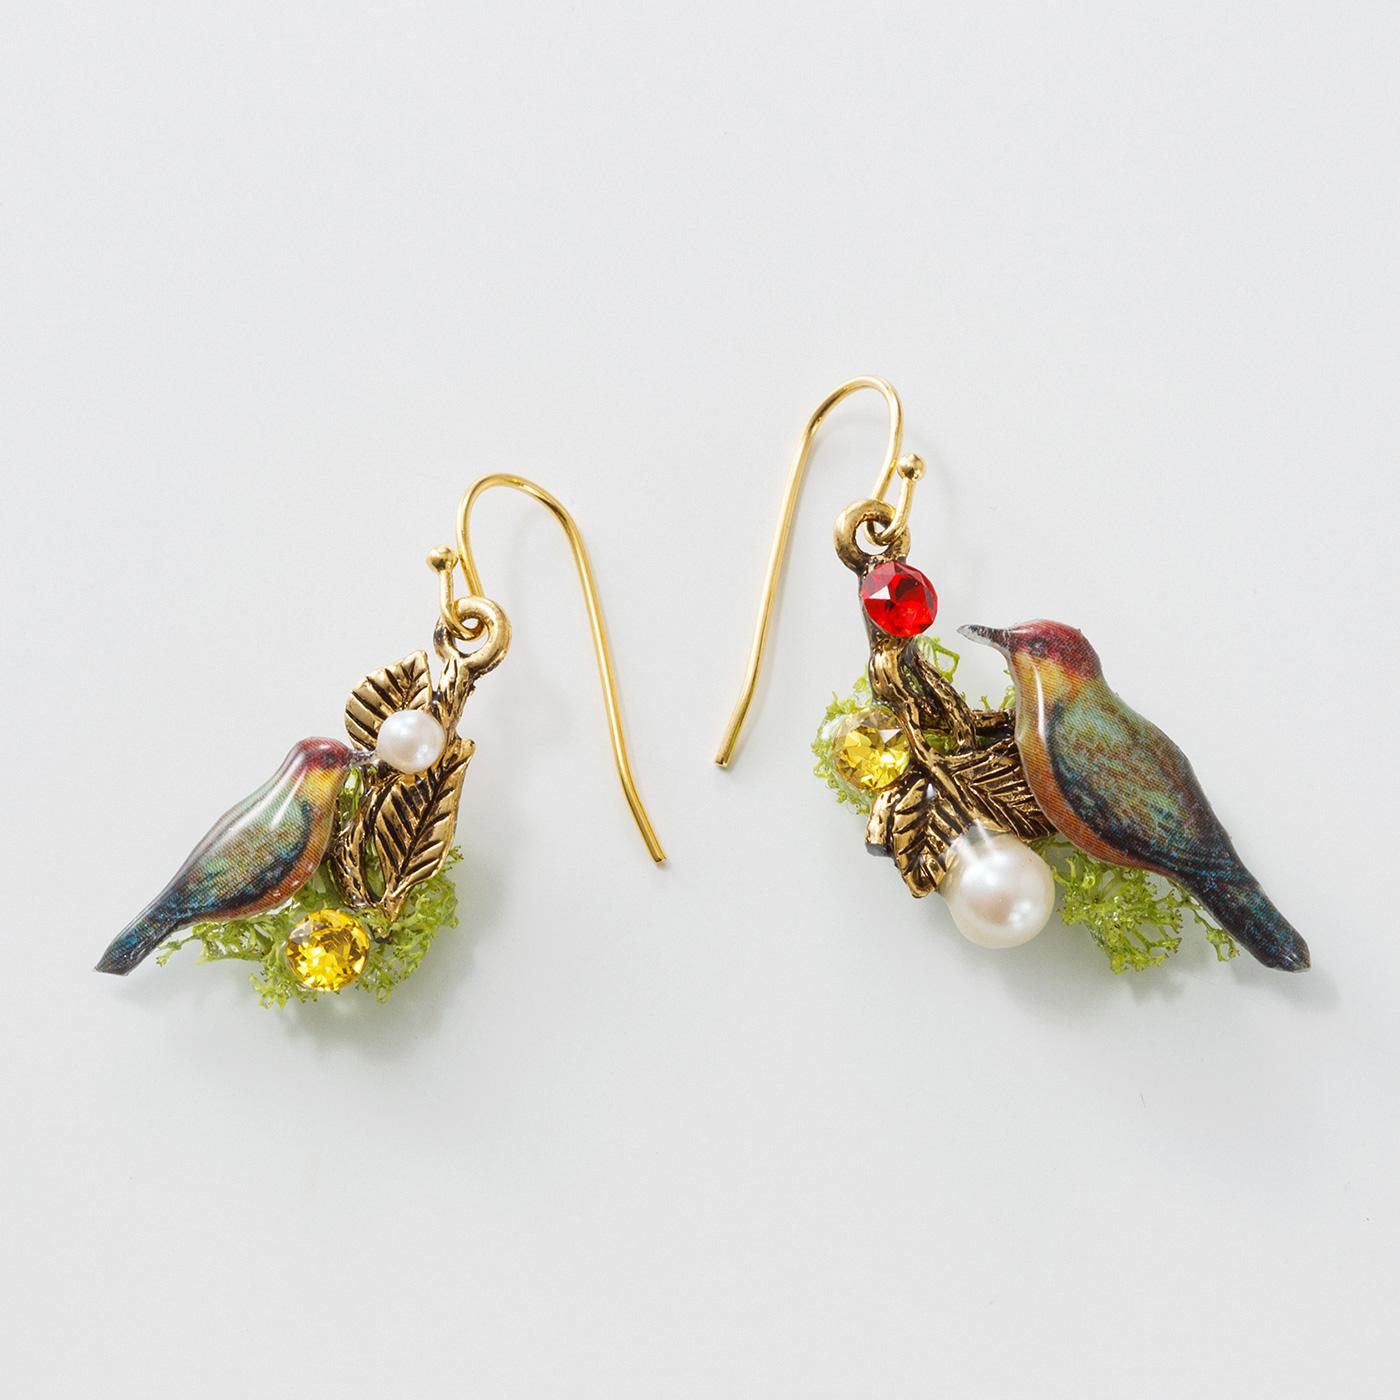 小鳥のピアスまたはイヤリング 枝にとまる小鳥が木の実をついばむ姿にしました。